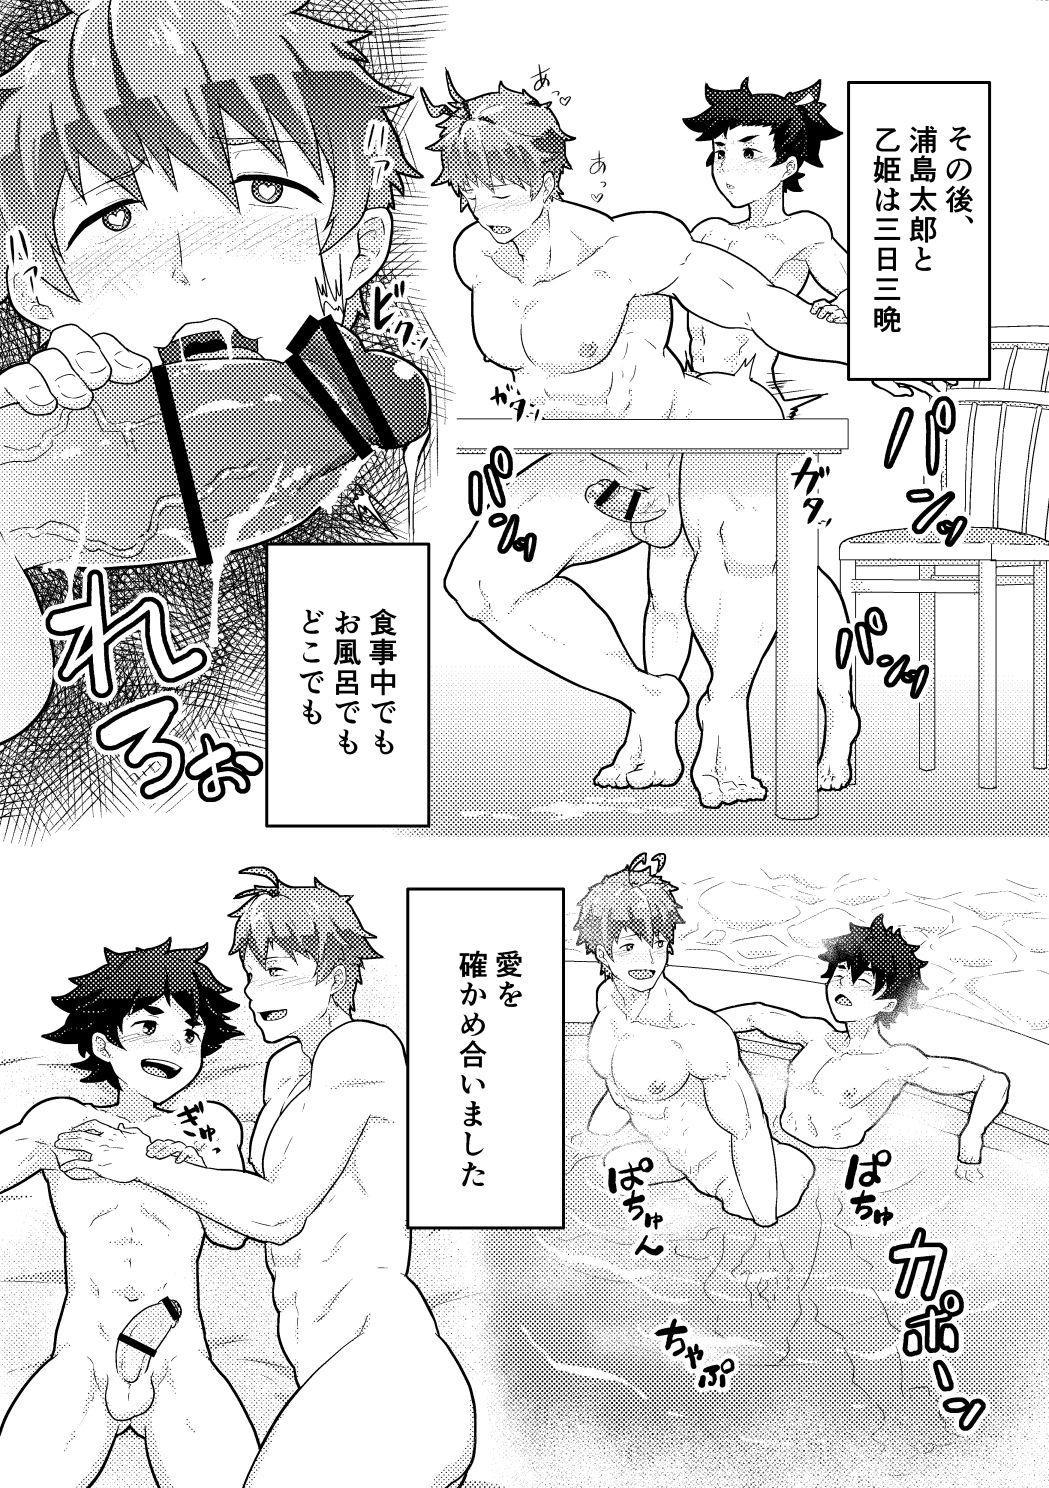 Urashimatarou 21